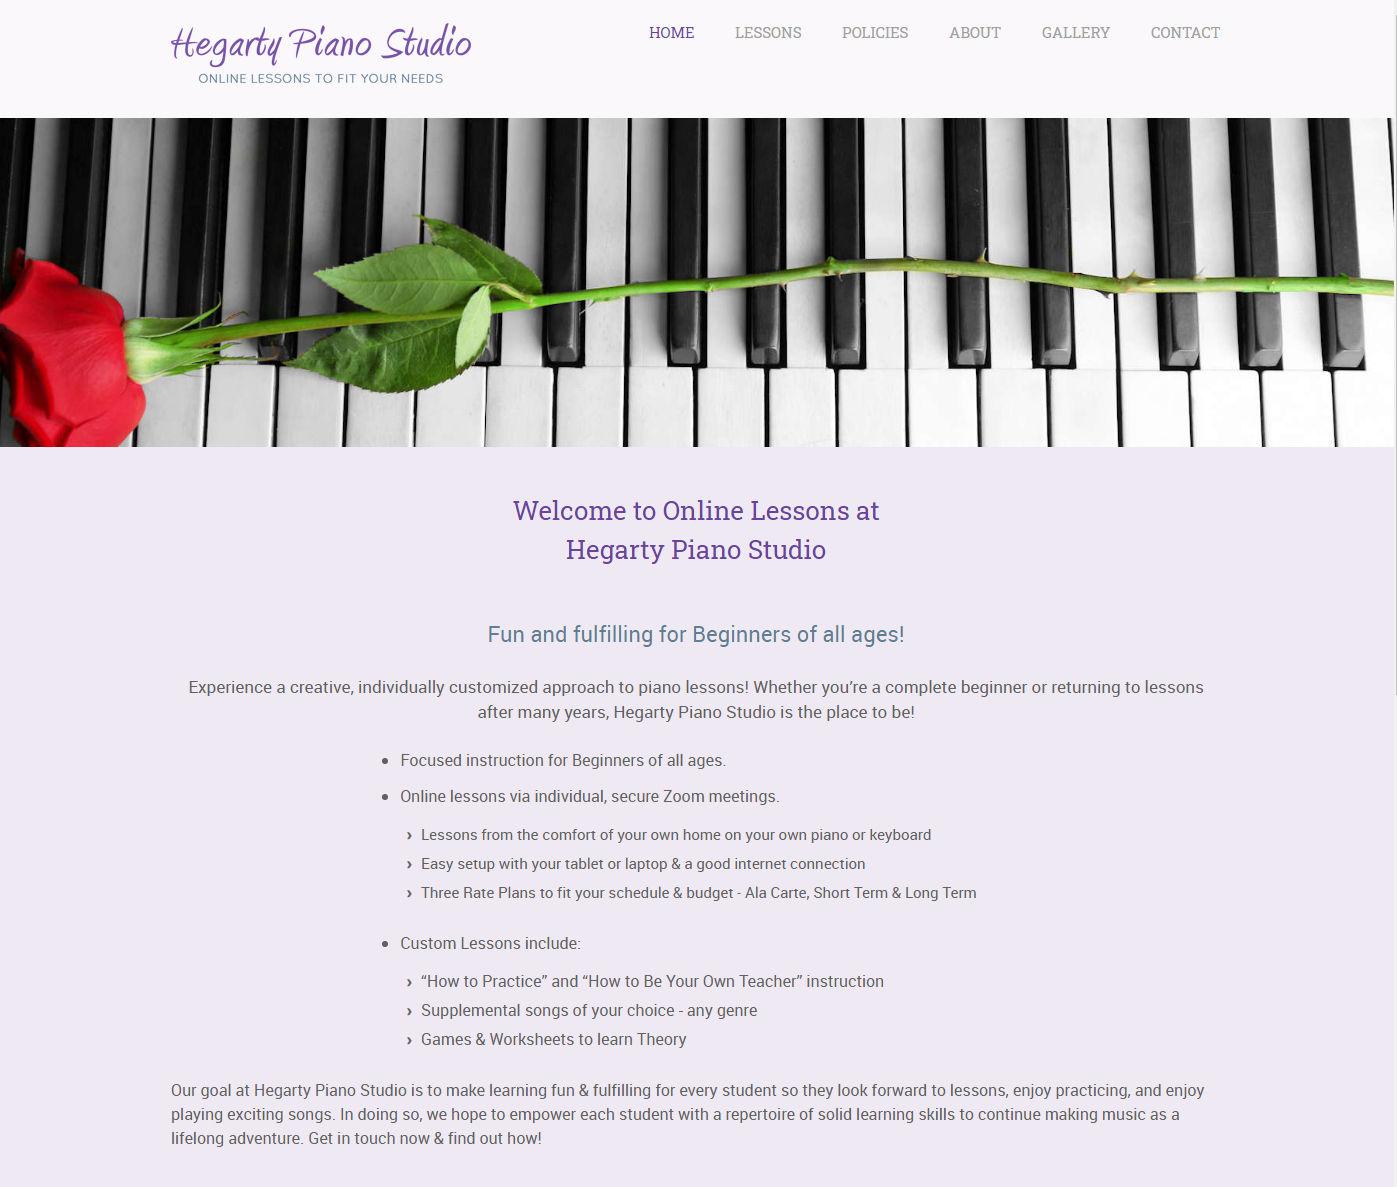 Hegarty Piano Studio Website